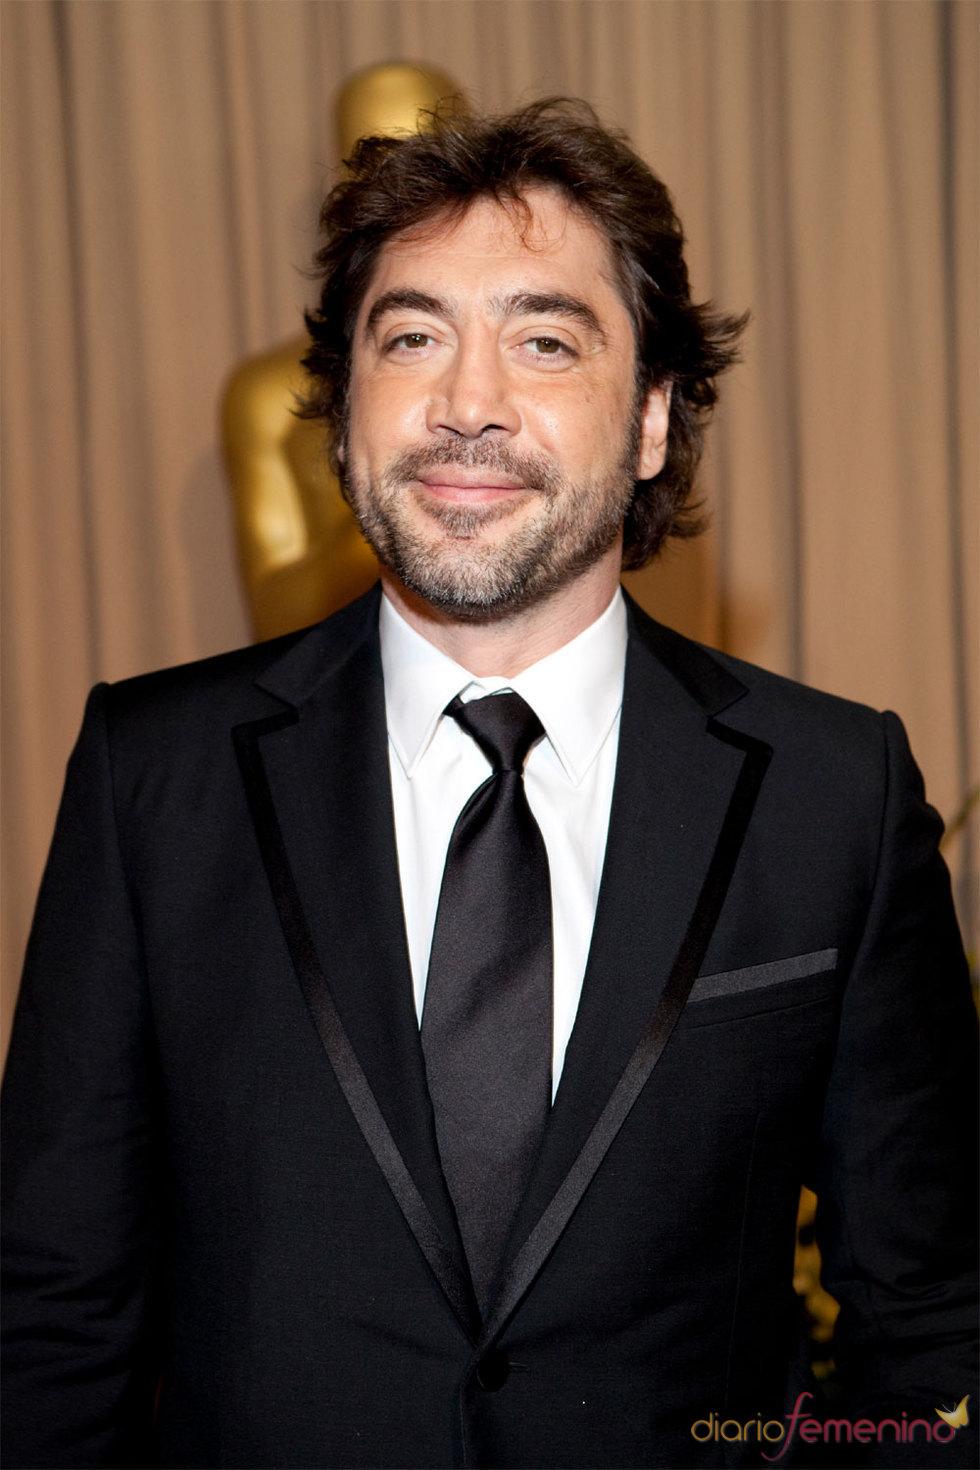 Javier Bardem en la ceremonia de los Oscars 2010